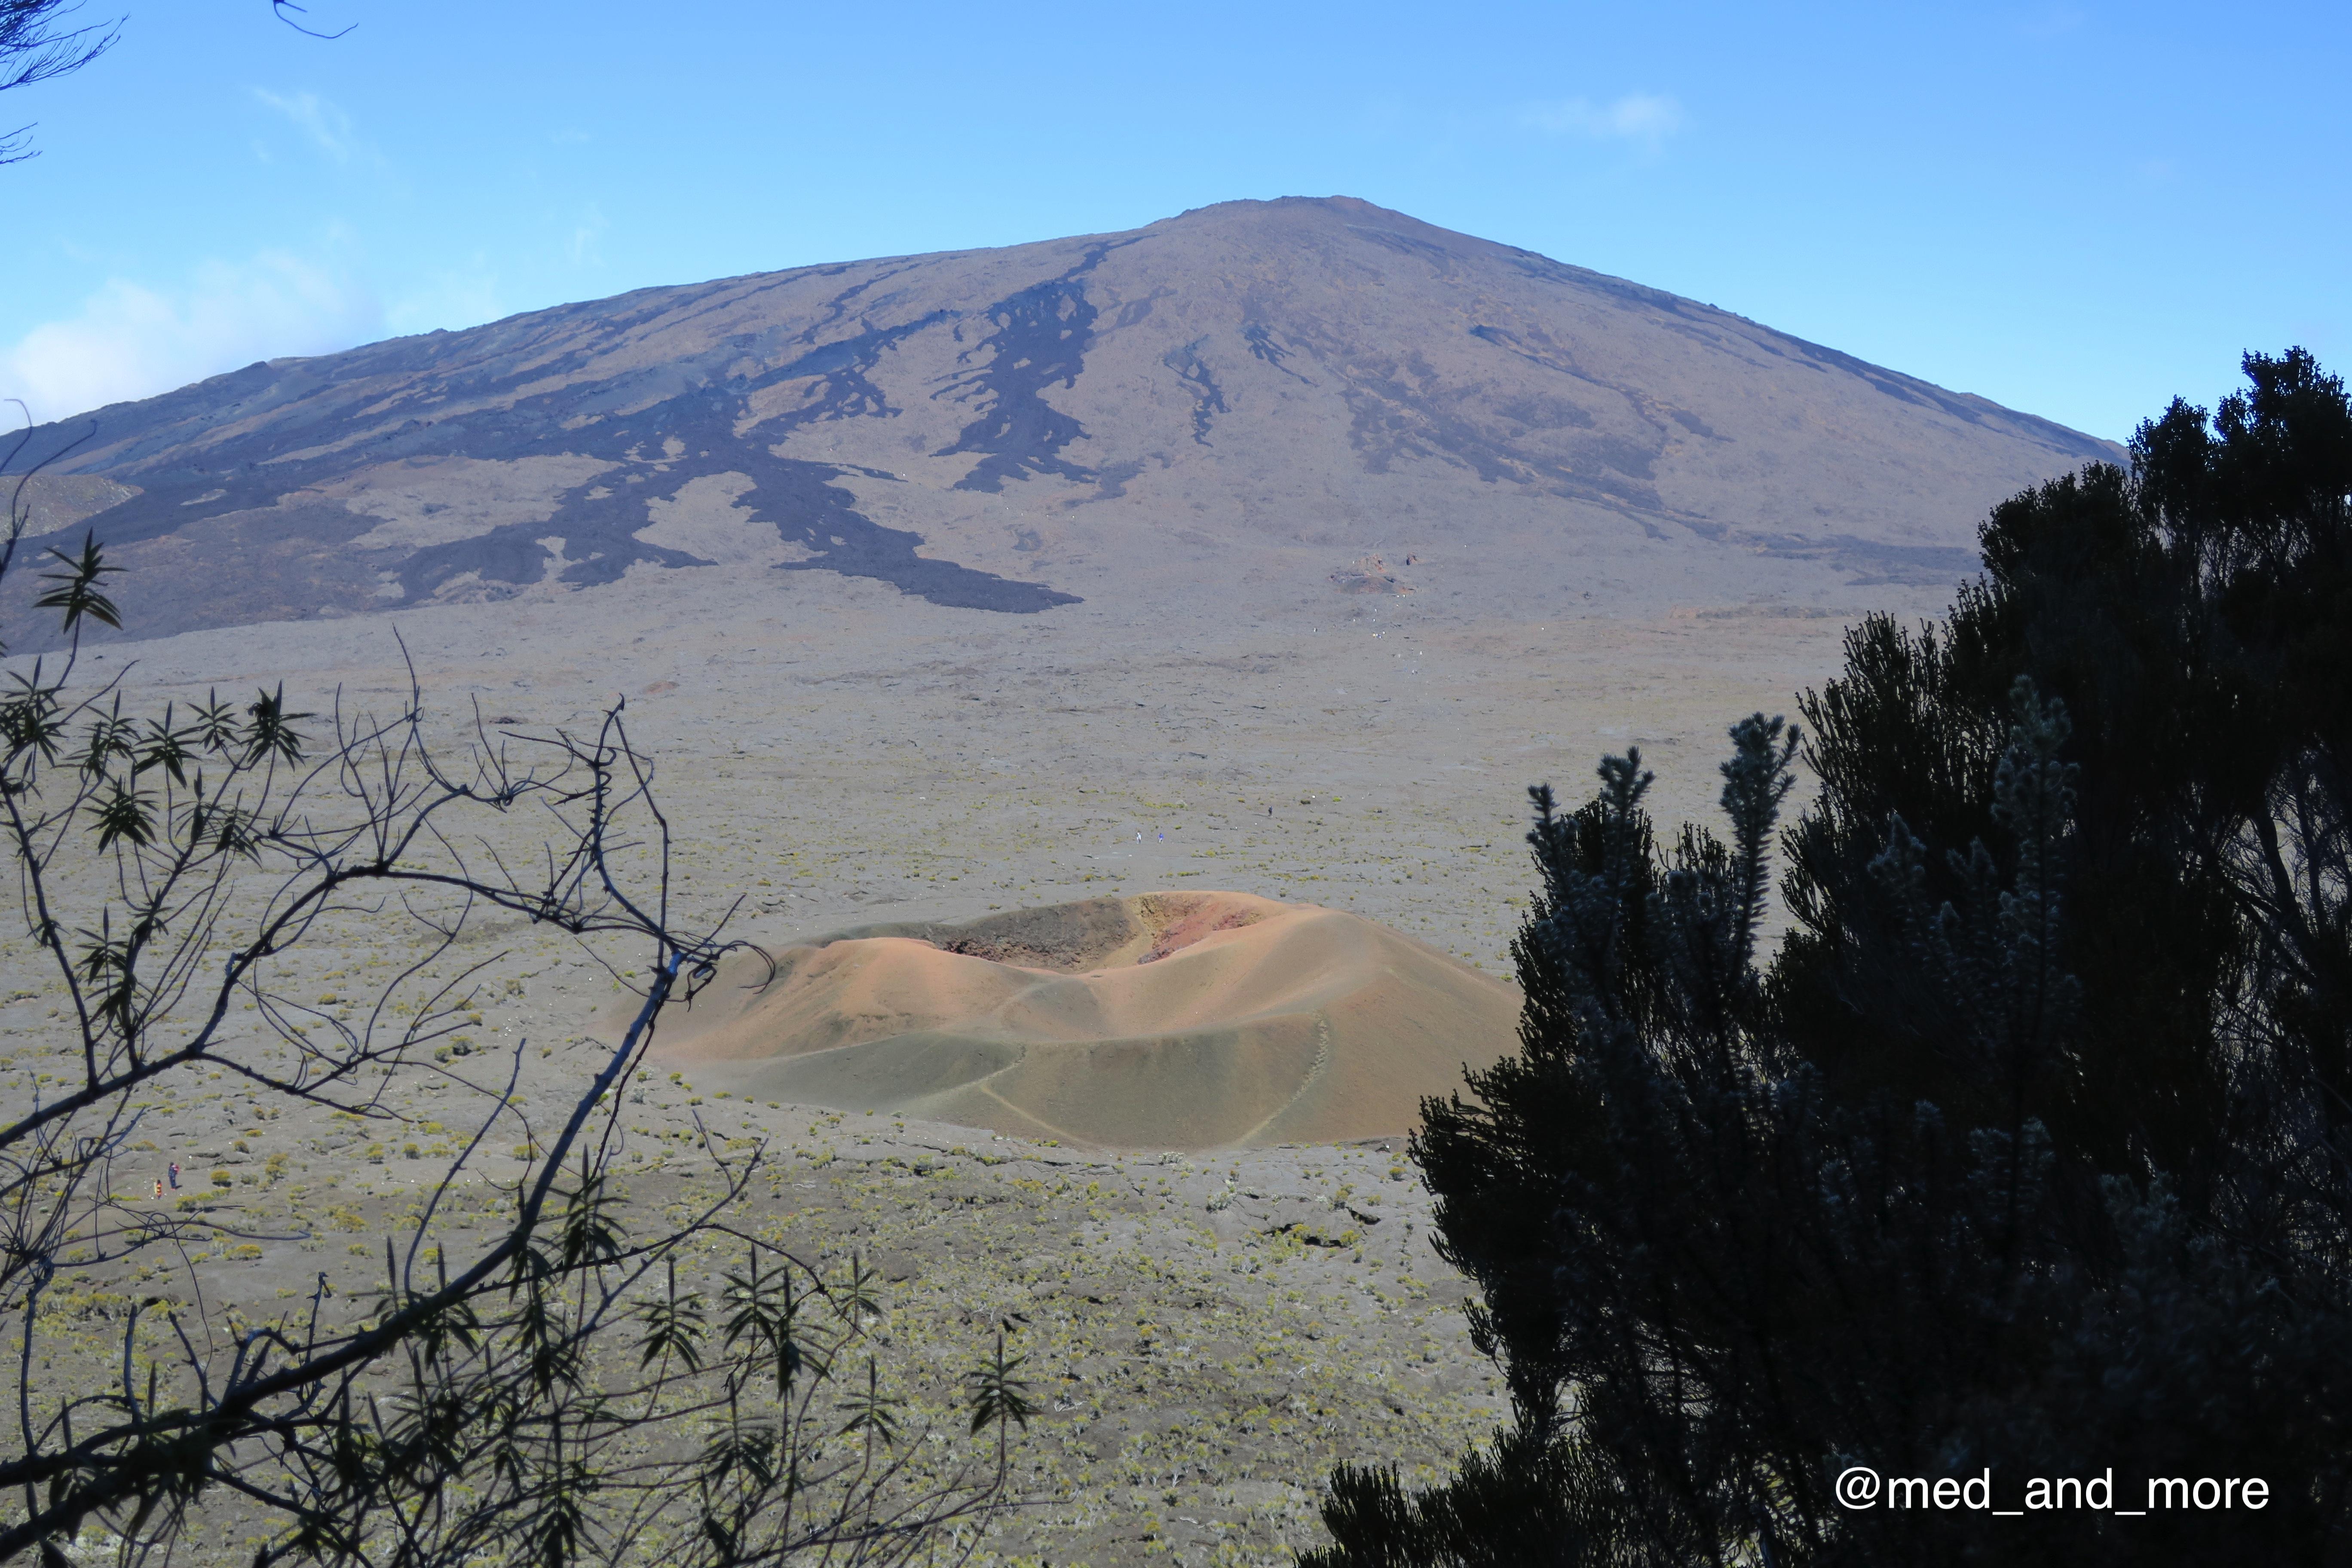 Vulkanausbruch Auf La R 233 Union 187 Medicine Amp More 187 Scilogs